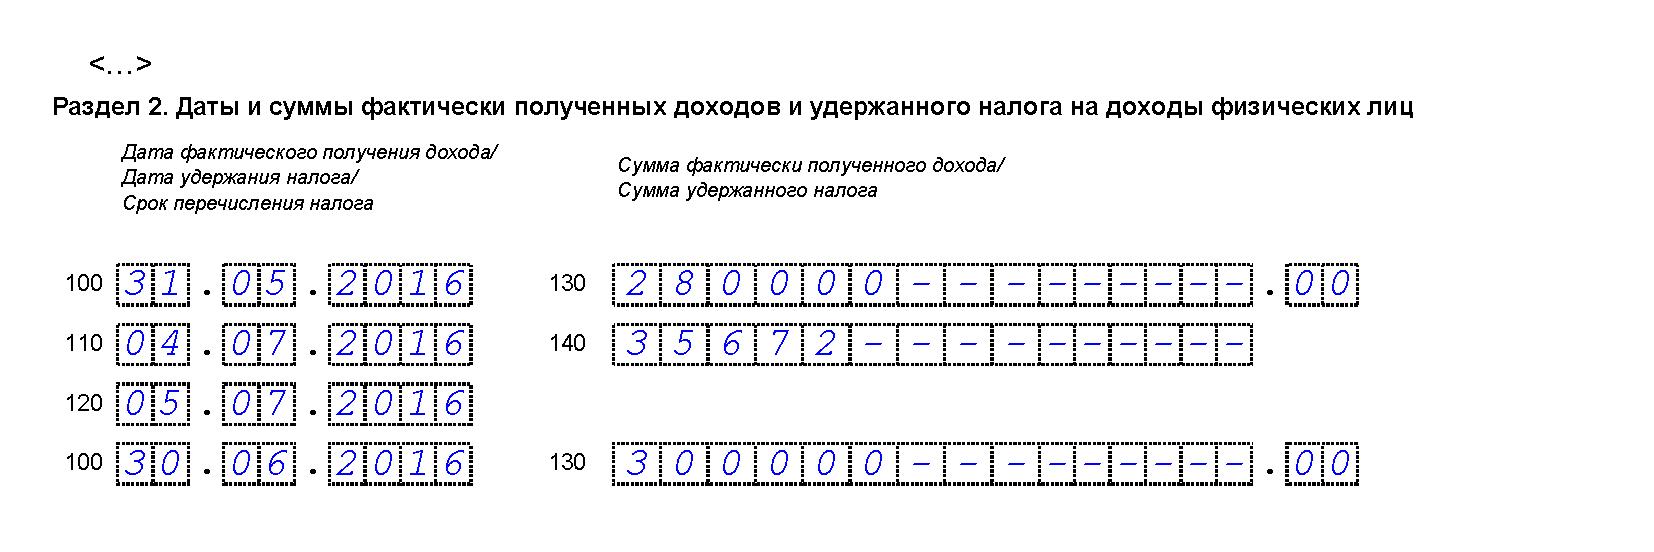 Как заполнить раздел 2 формы 6-НДФЛ, если зарплату выдали в следующем месяце